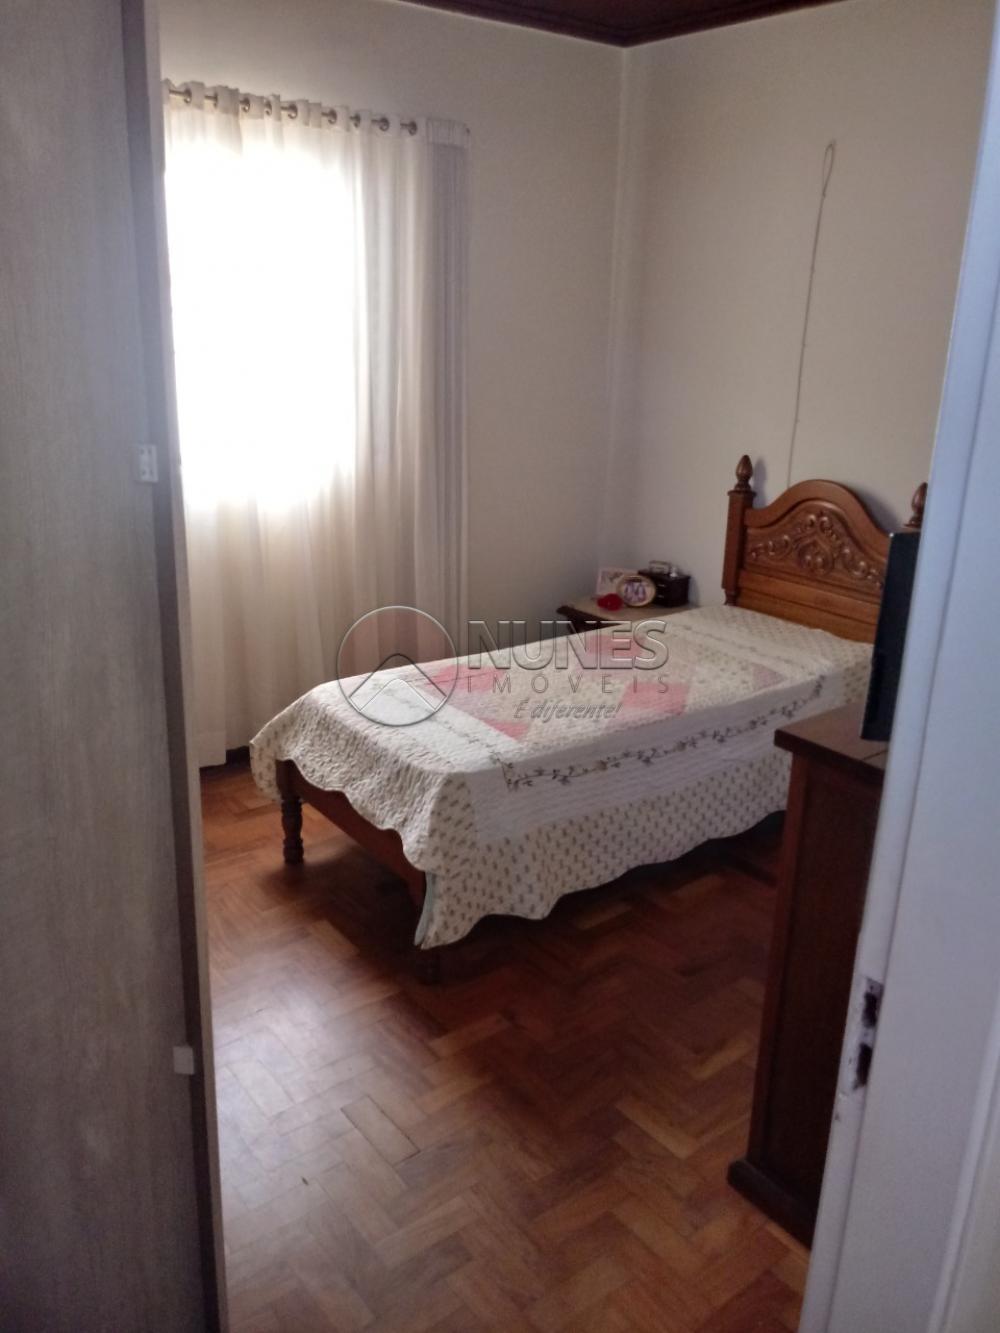 Comprar Casa / Terrea em Osasco apenas R$ 480.000,00 - Foto 9